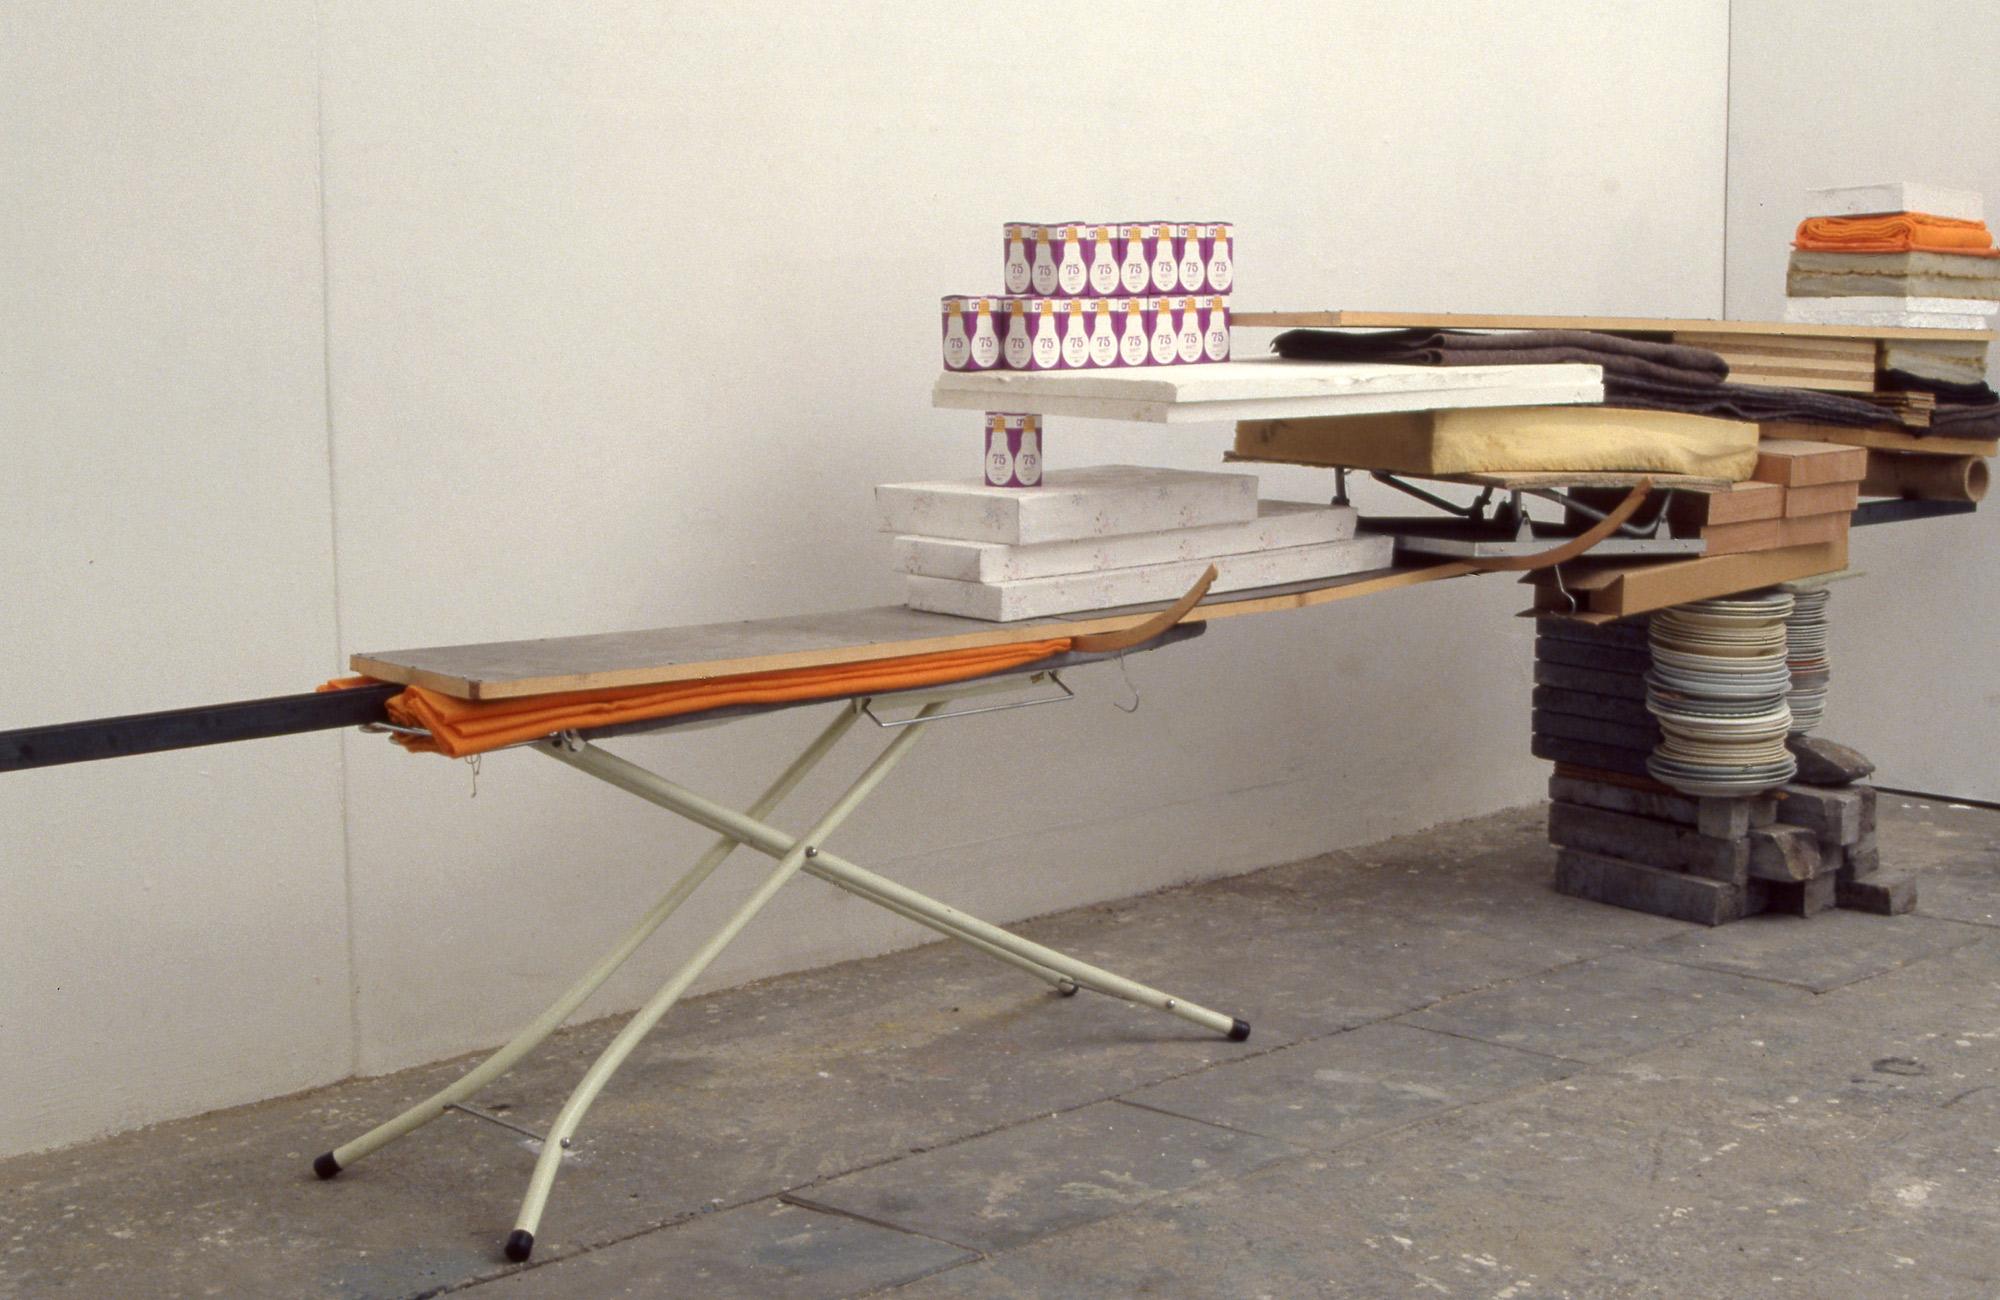 Maddy Arkesteyn at De Ateliers